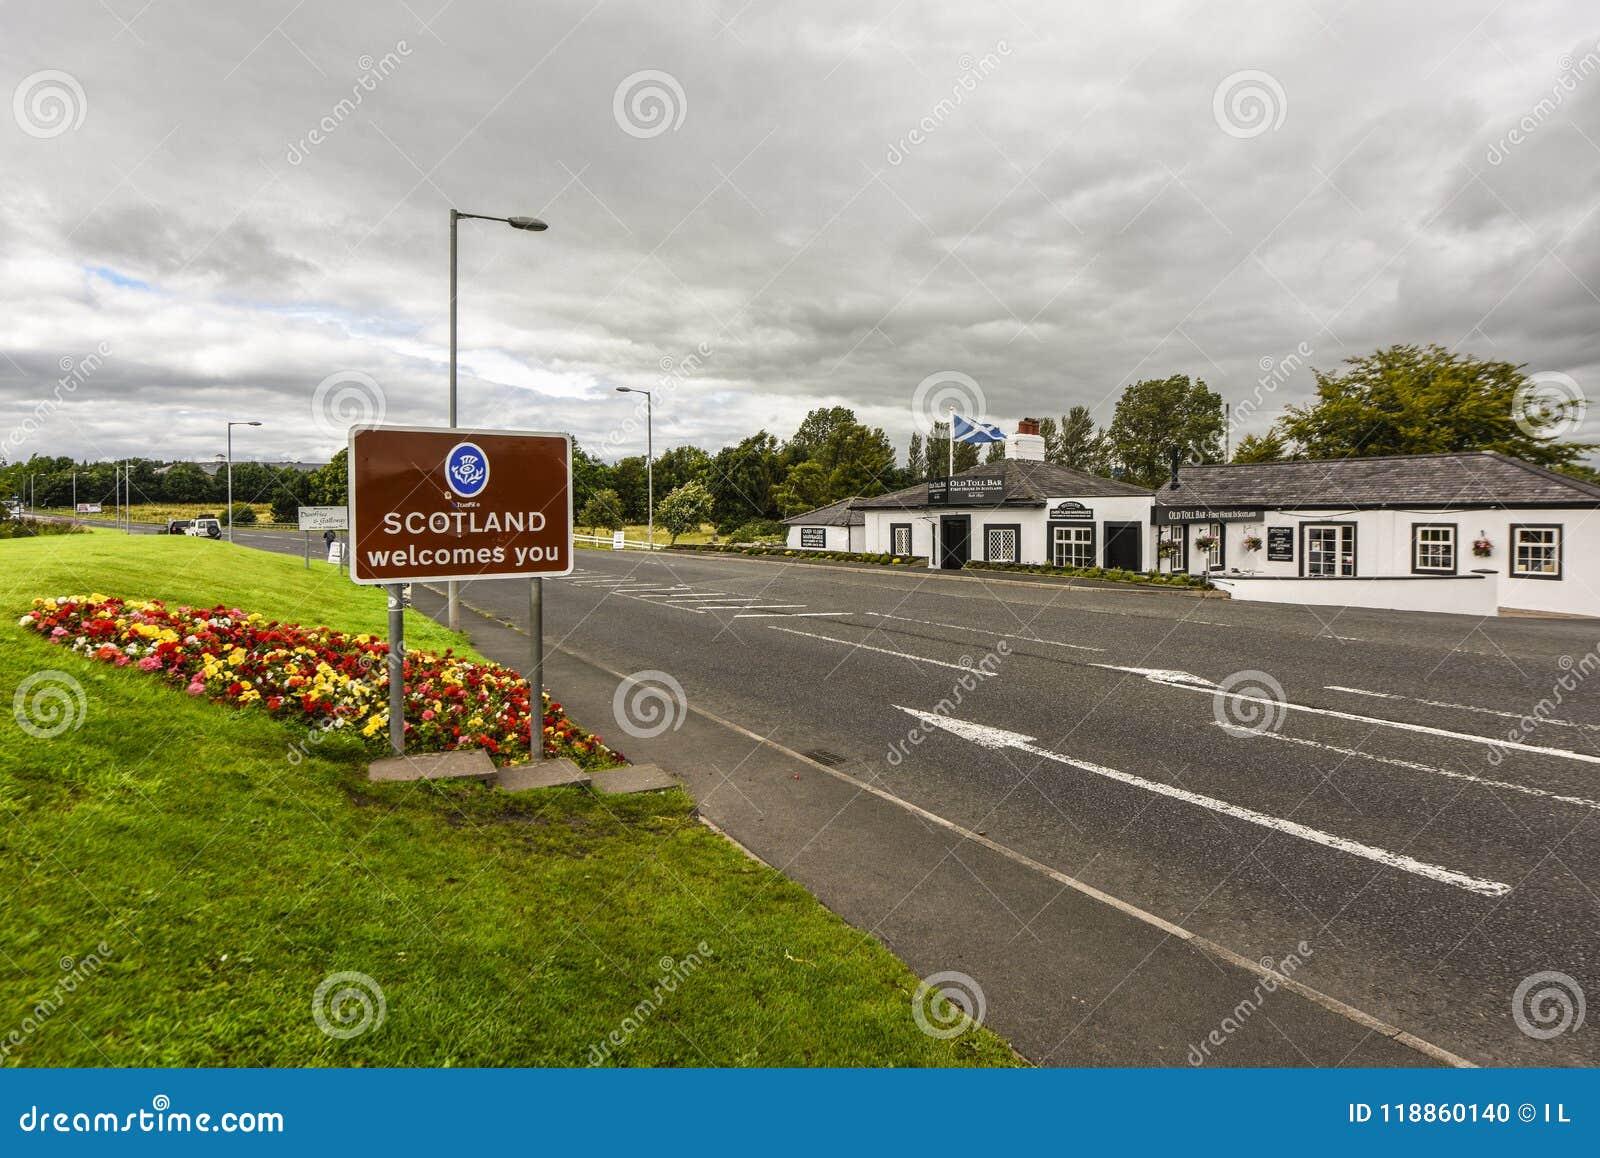 La frontera a Escocia con el ` Escocia de la muestra le acoge con satisfacción `, en el camino en Gran Bretaña